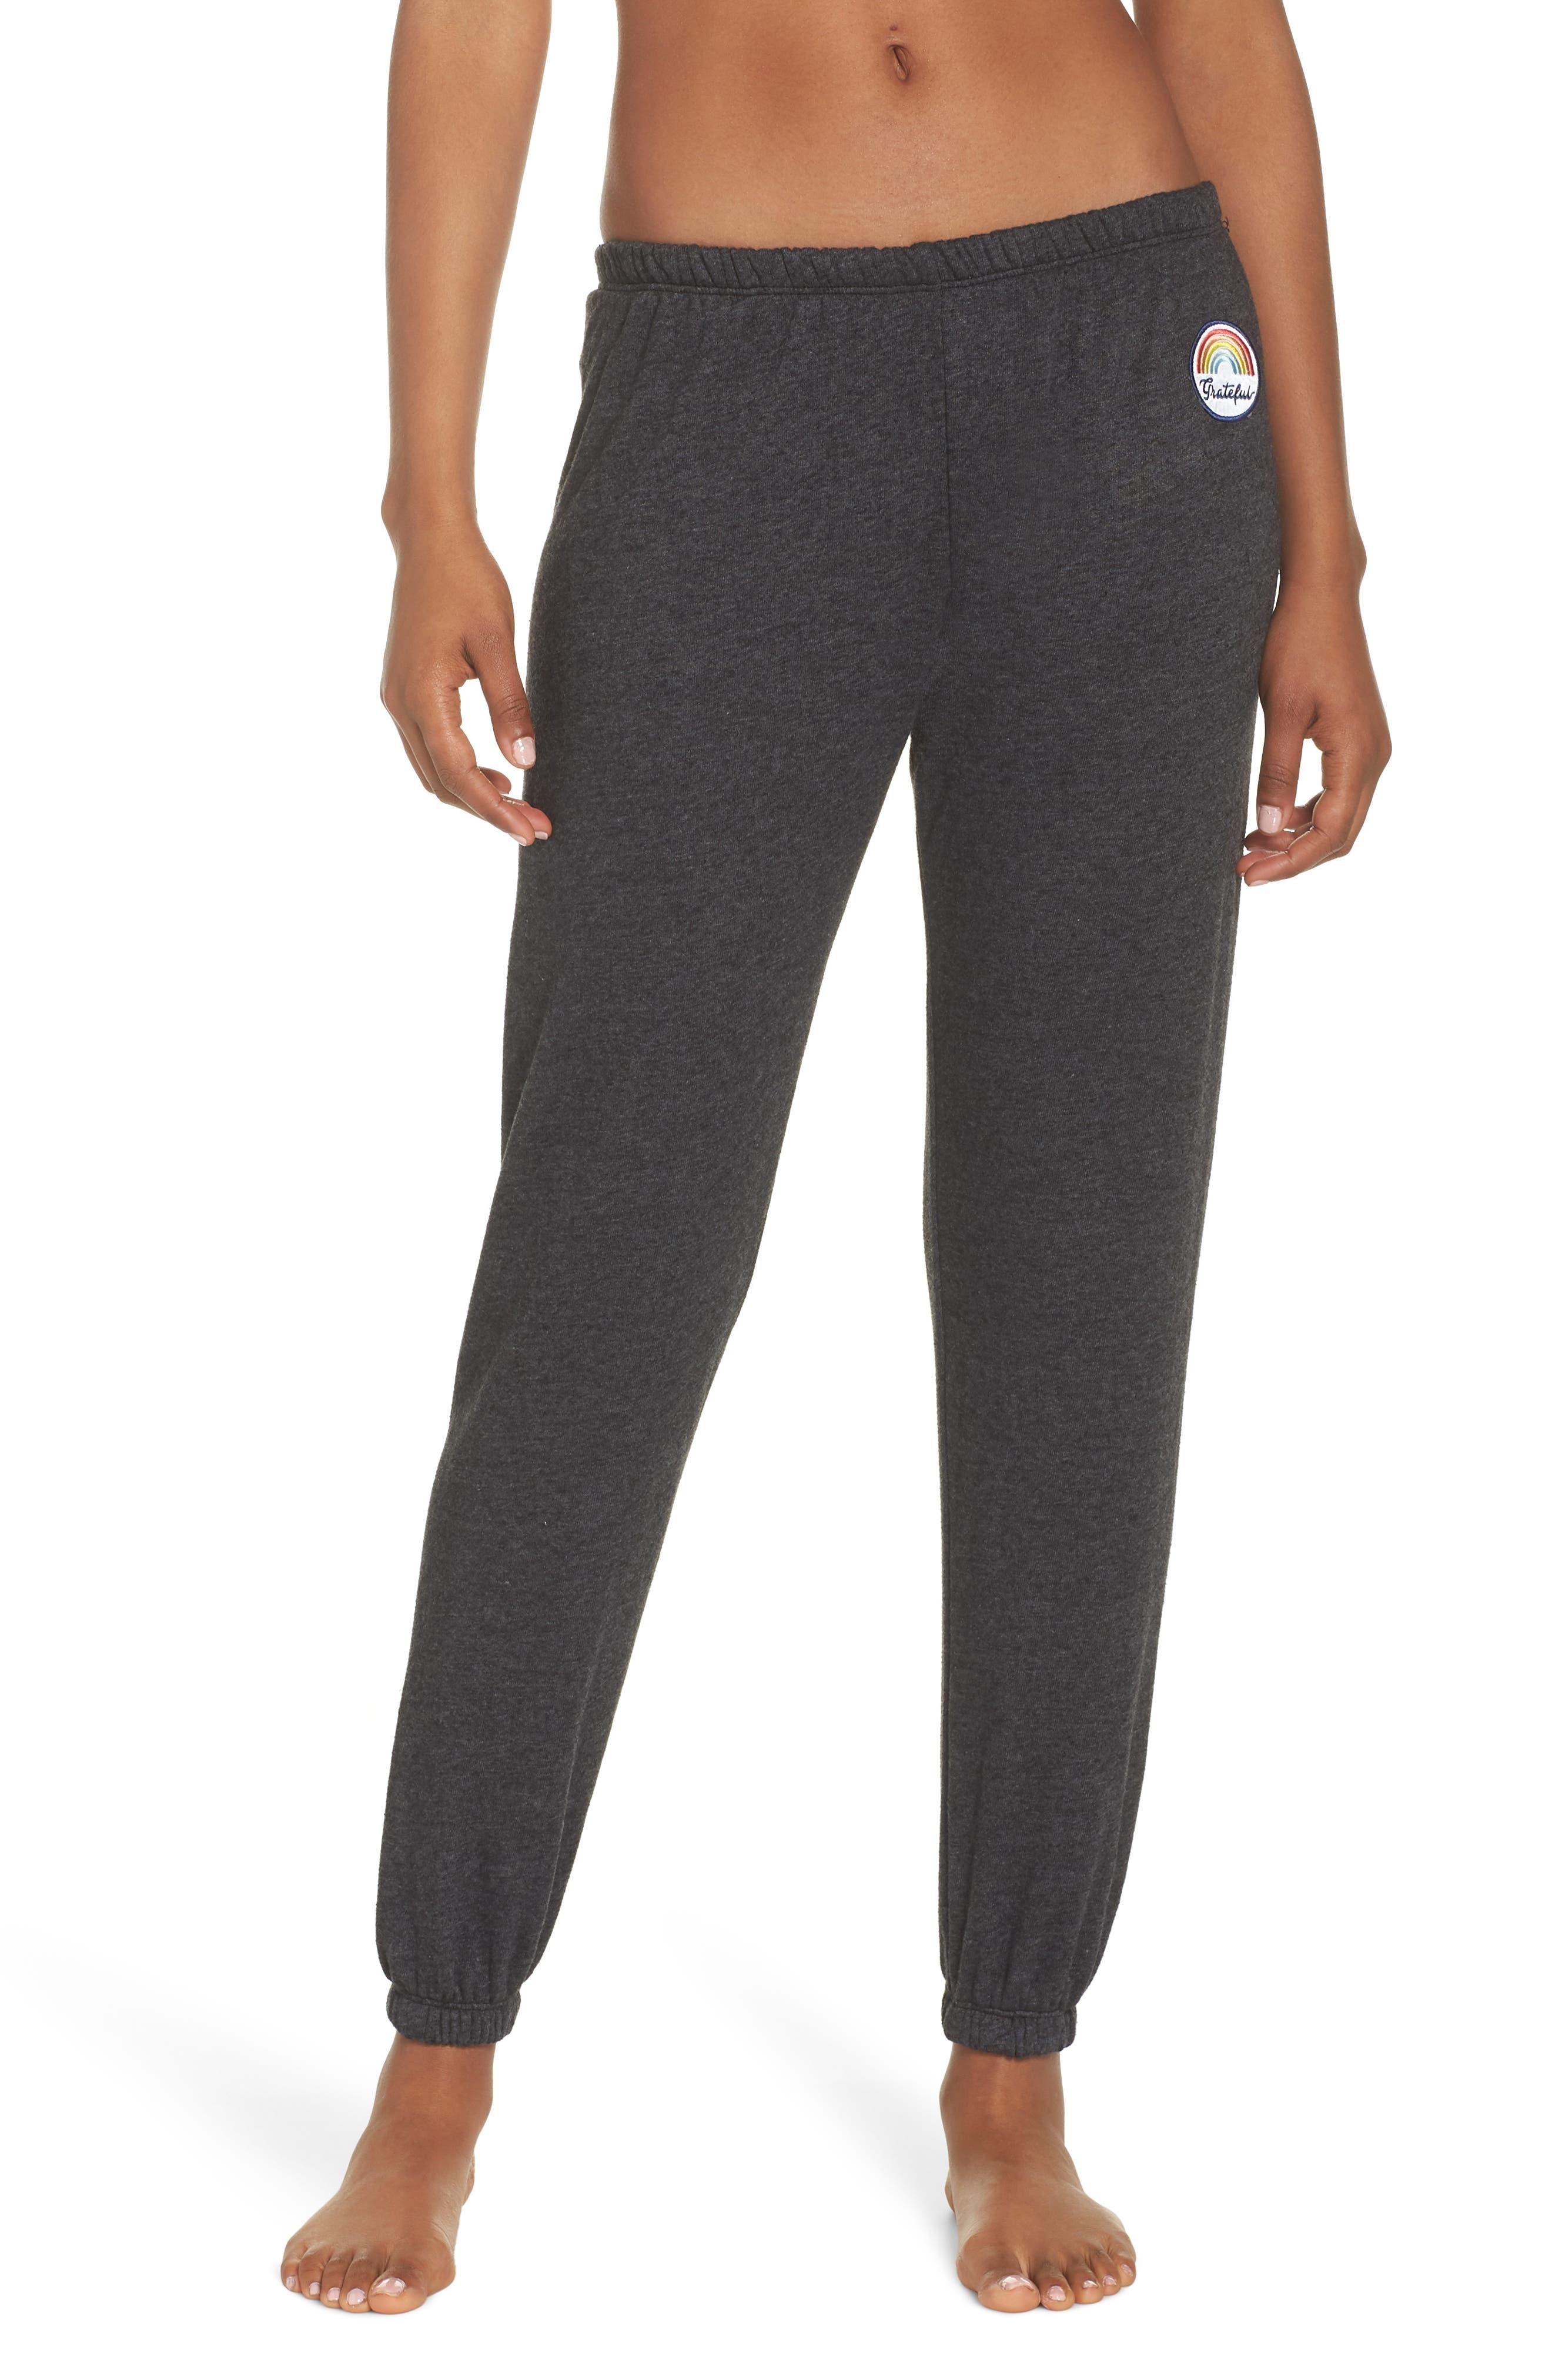 Grateful Perfect Knit Pants,                         Main,                         color, Vntg Black